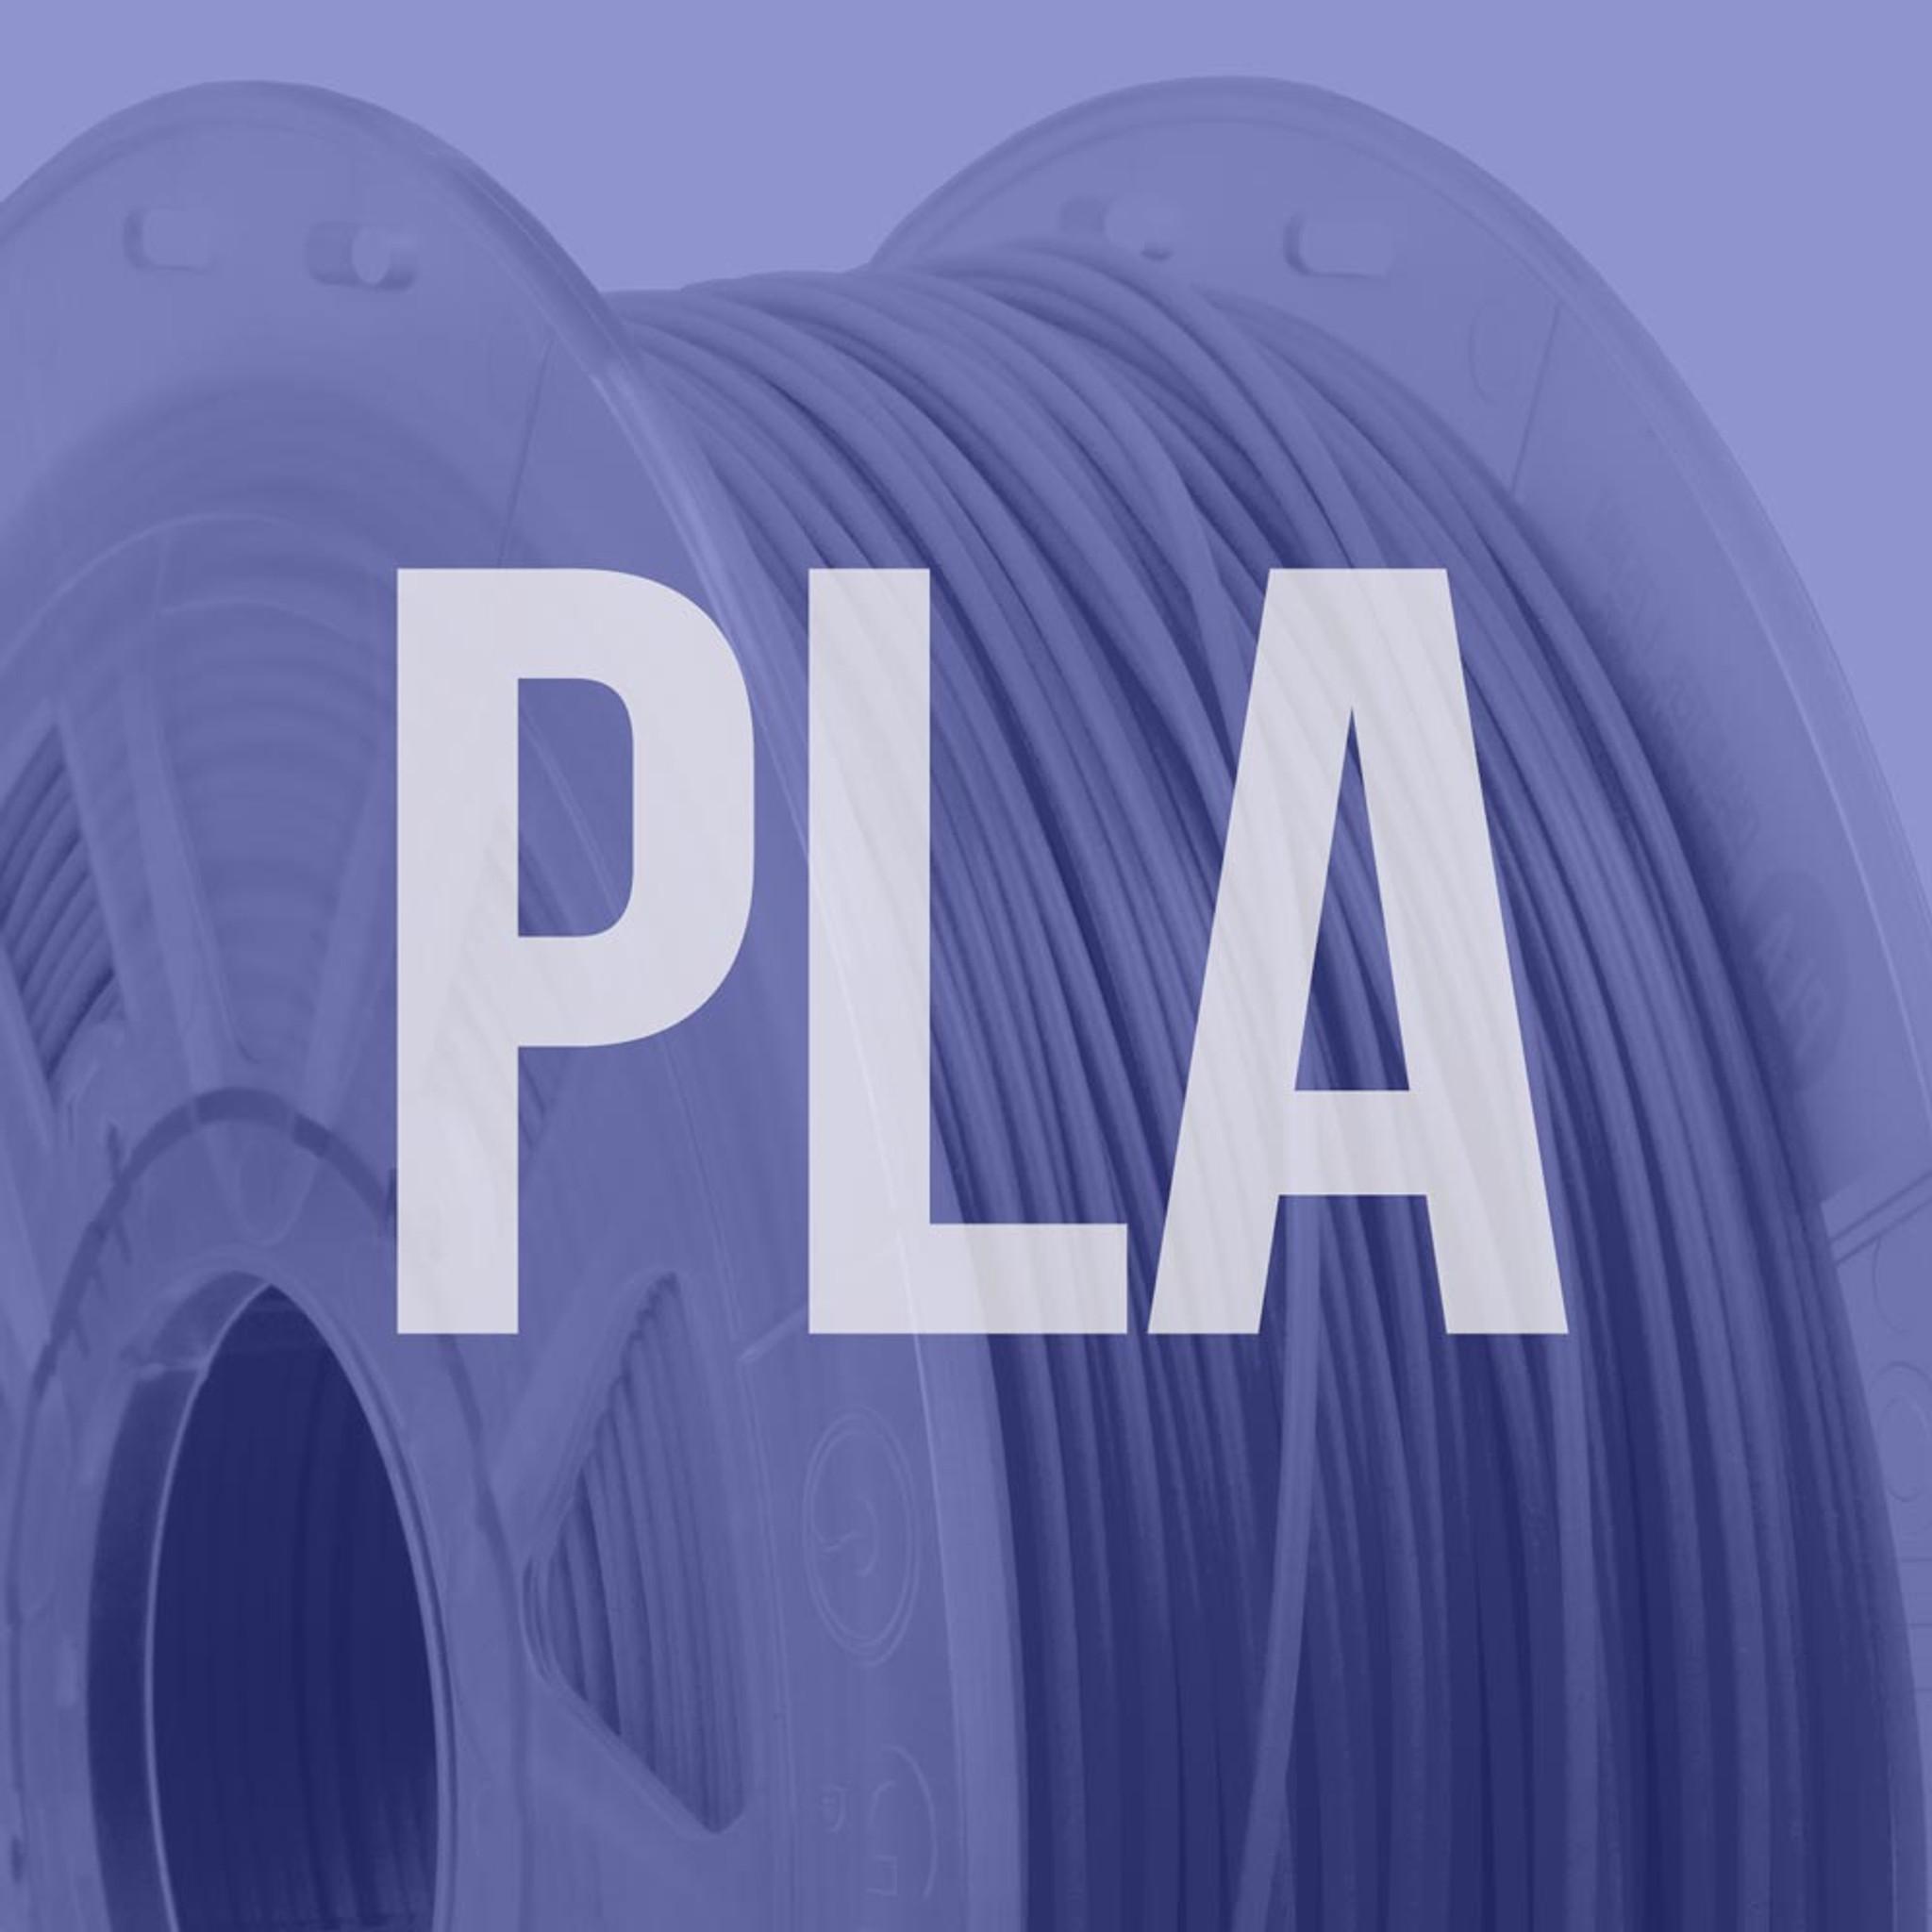 filament means